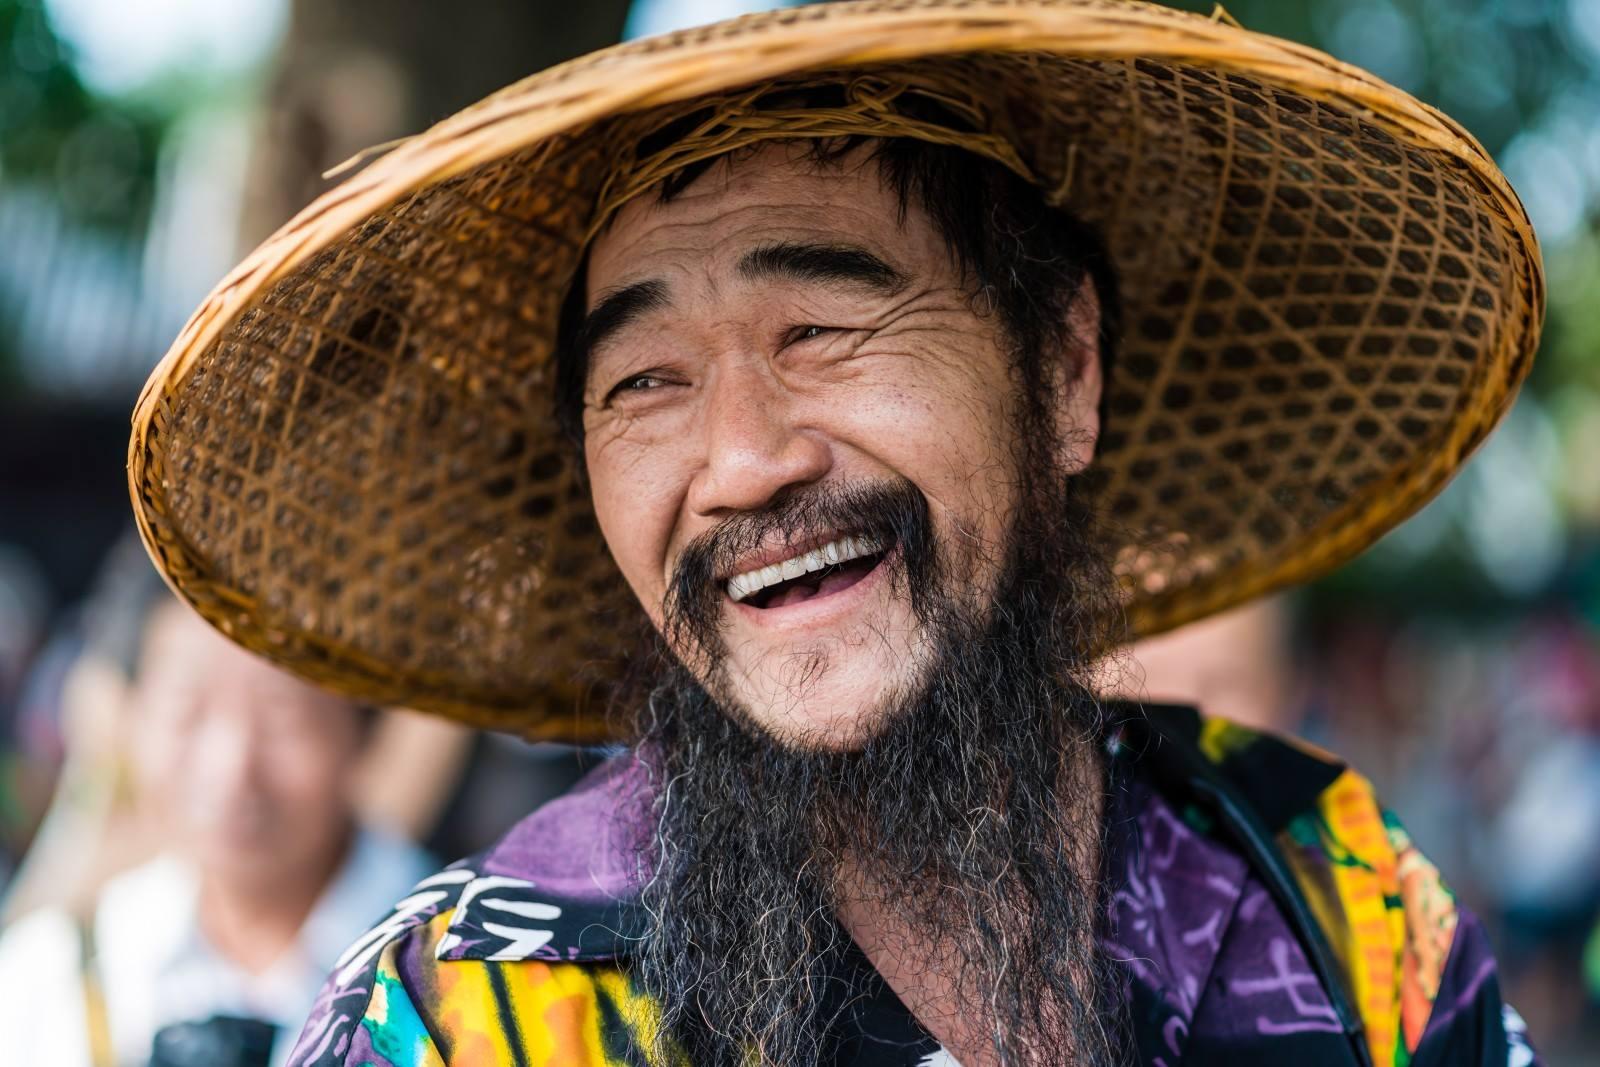 поздравление от вьетнамцев смешное тот момент алентовой